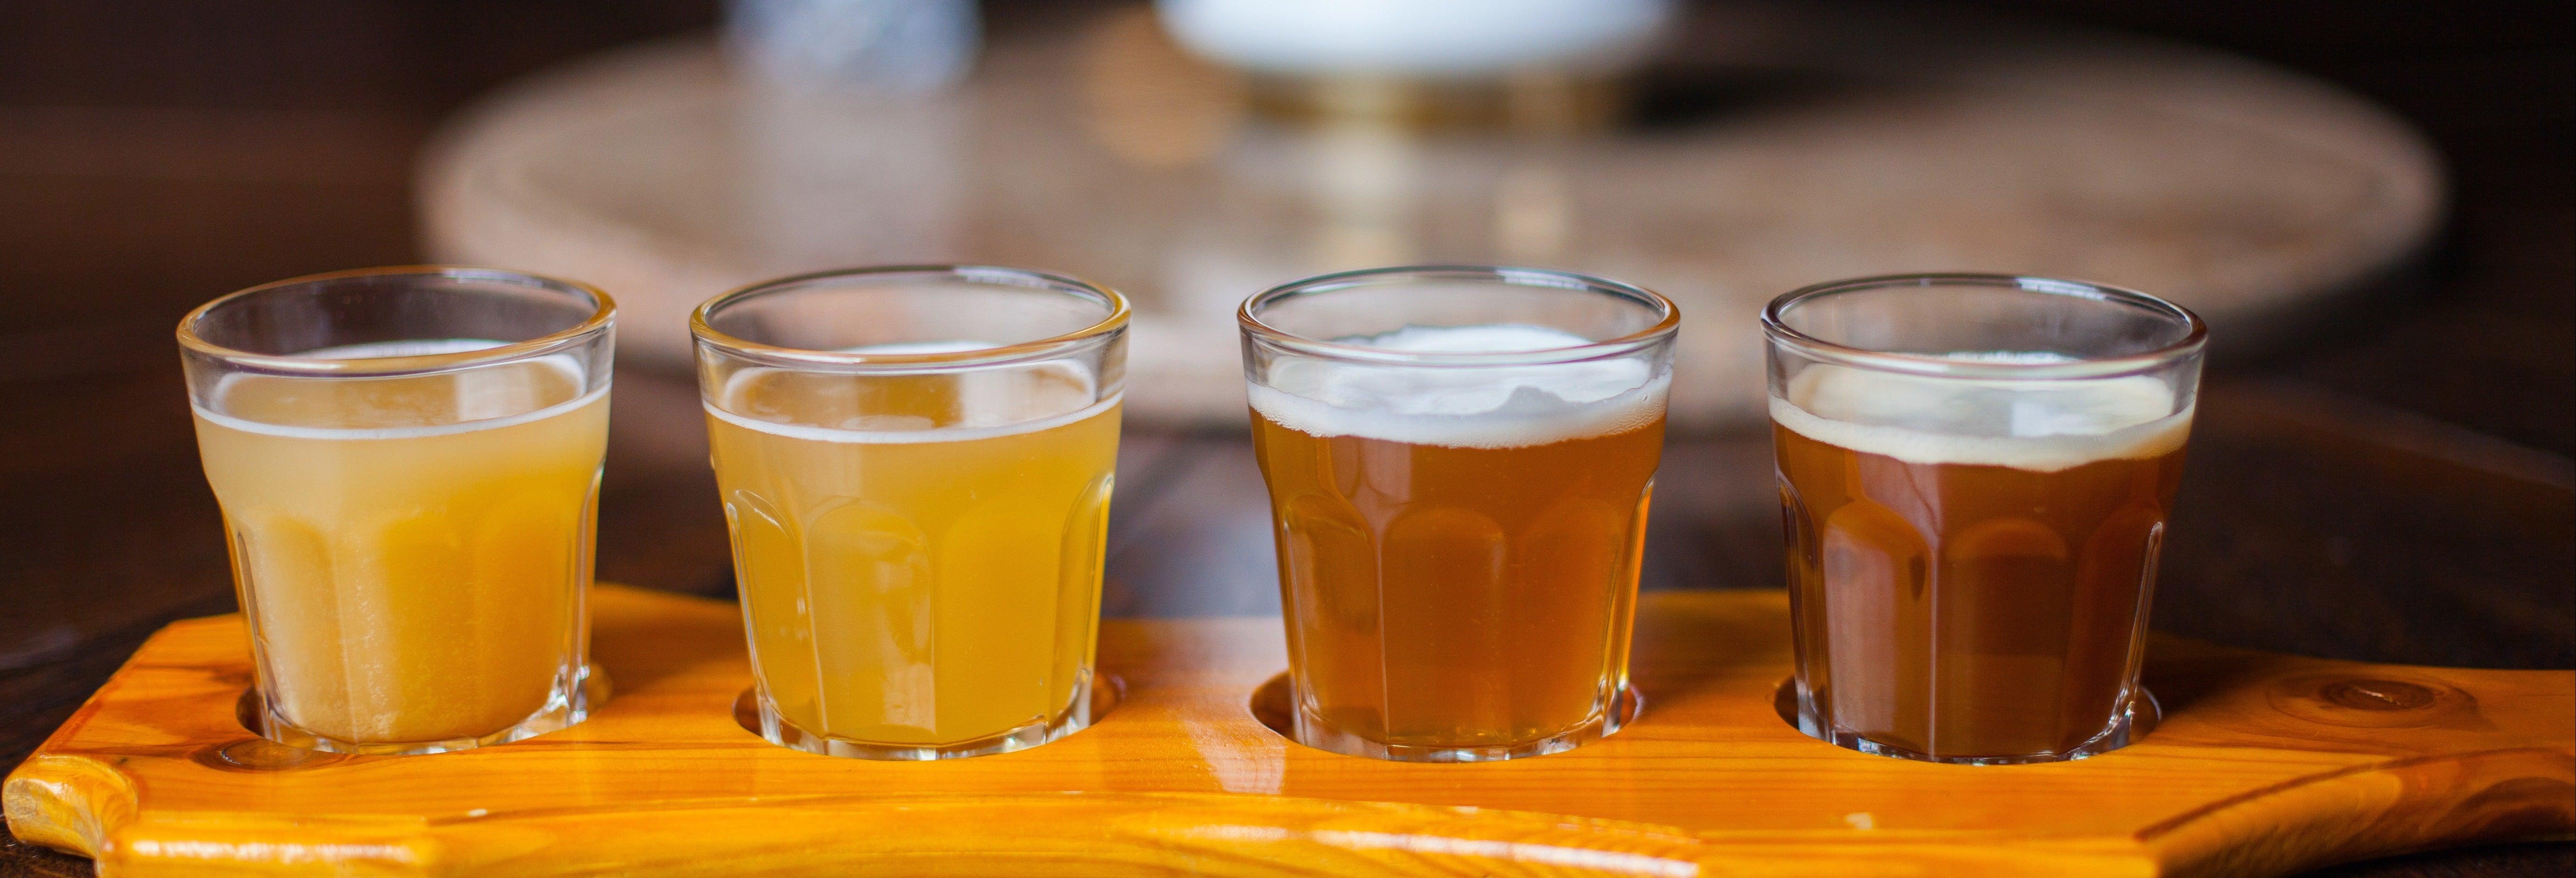 Visite autour de la bière de Cracovie